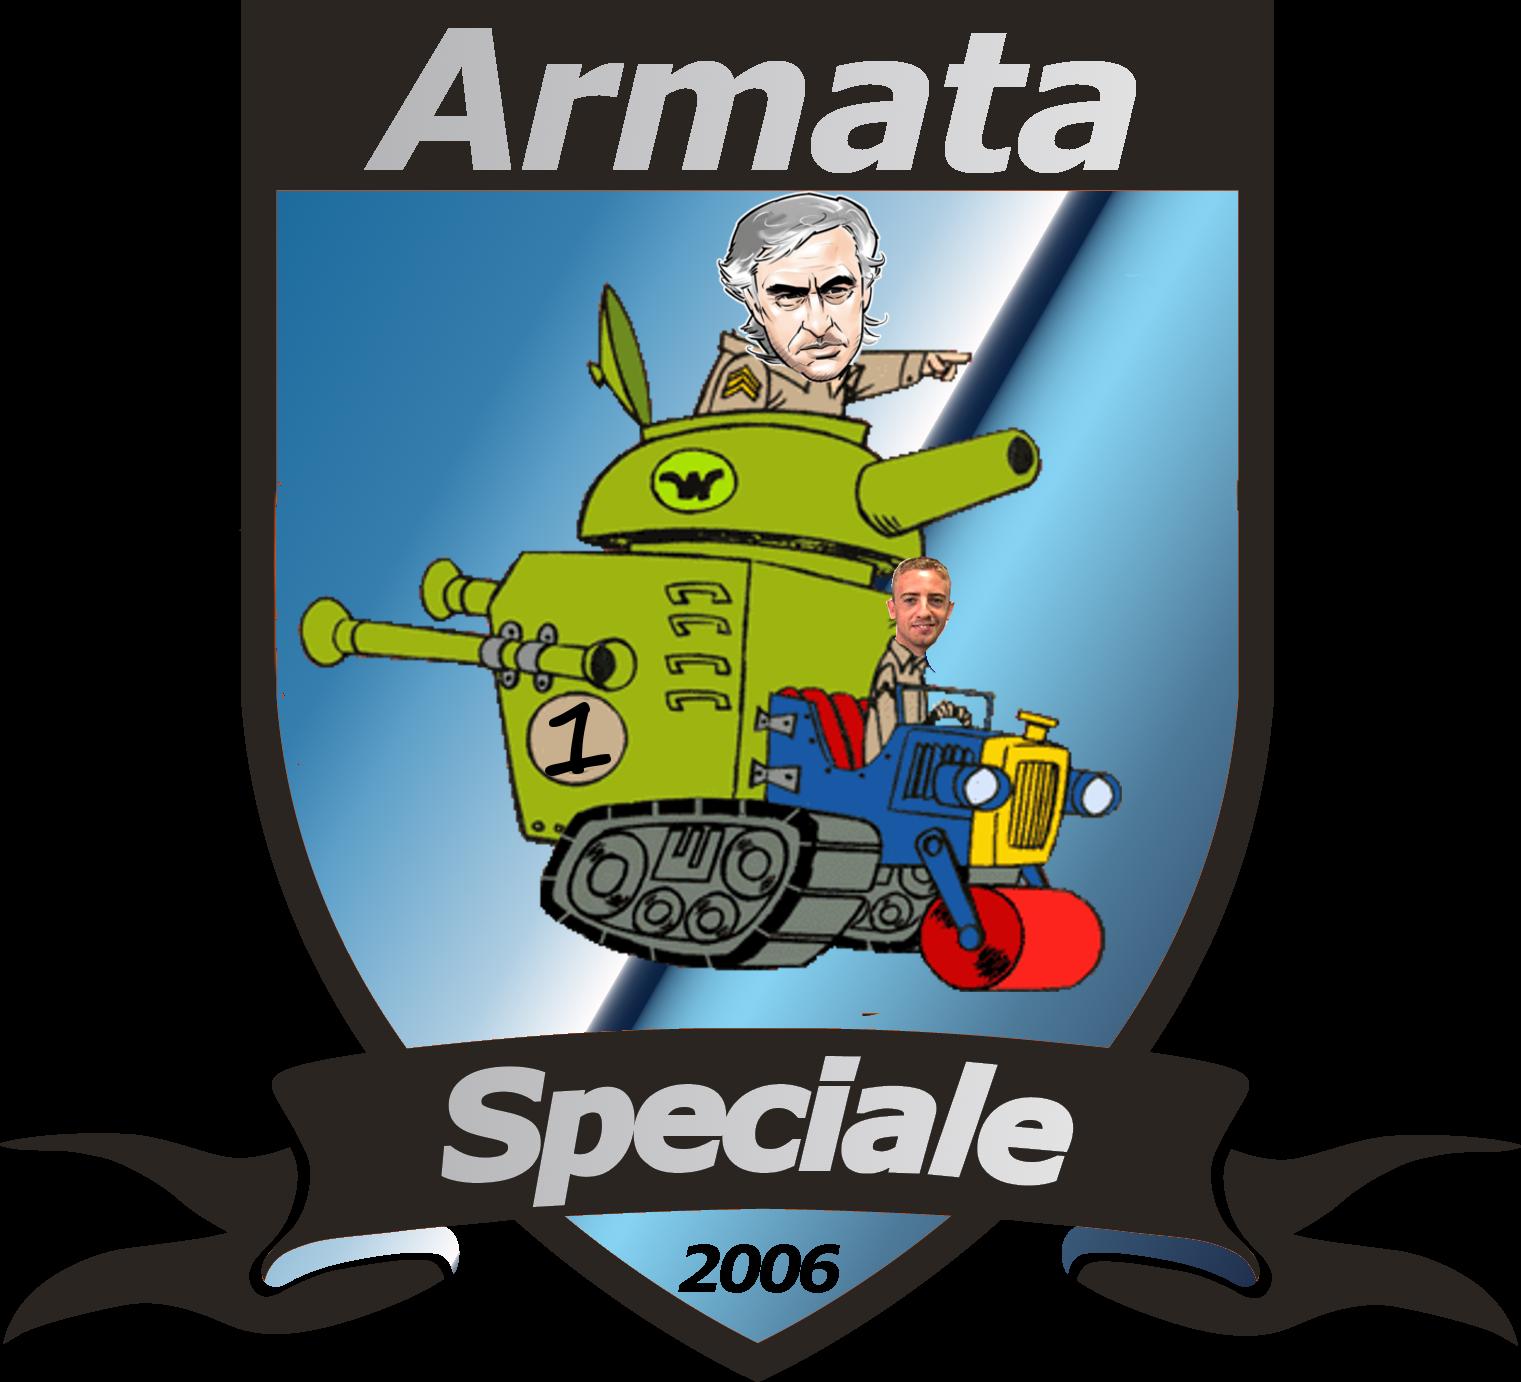 Armata_Speciale